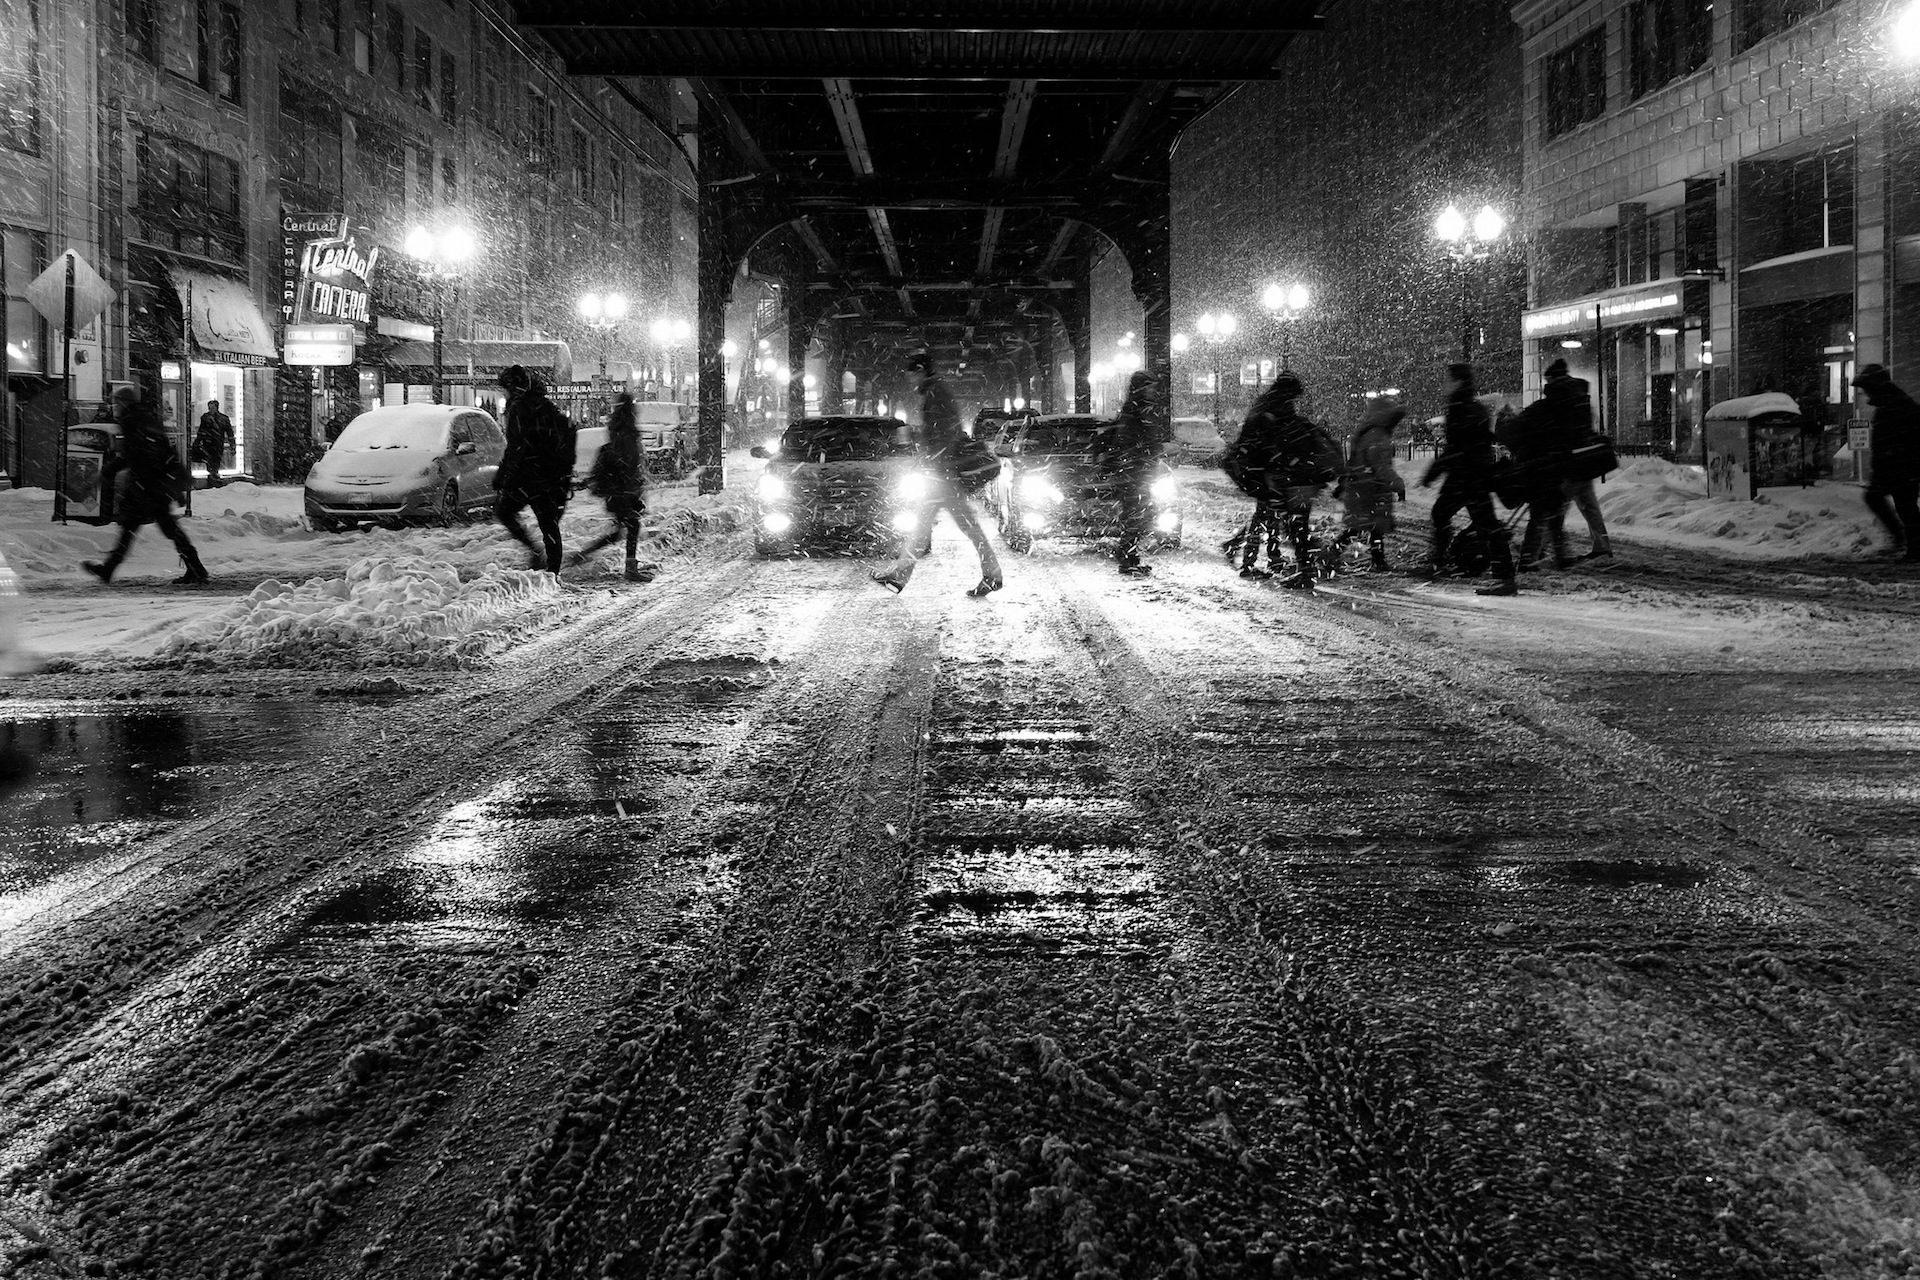 Winter, Schnee, Nacht, Lichter, in schwarz und weiß - Wallpaper HD - Prof.-falken.com